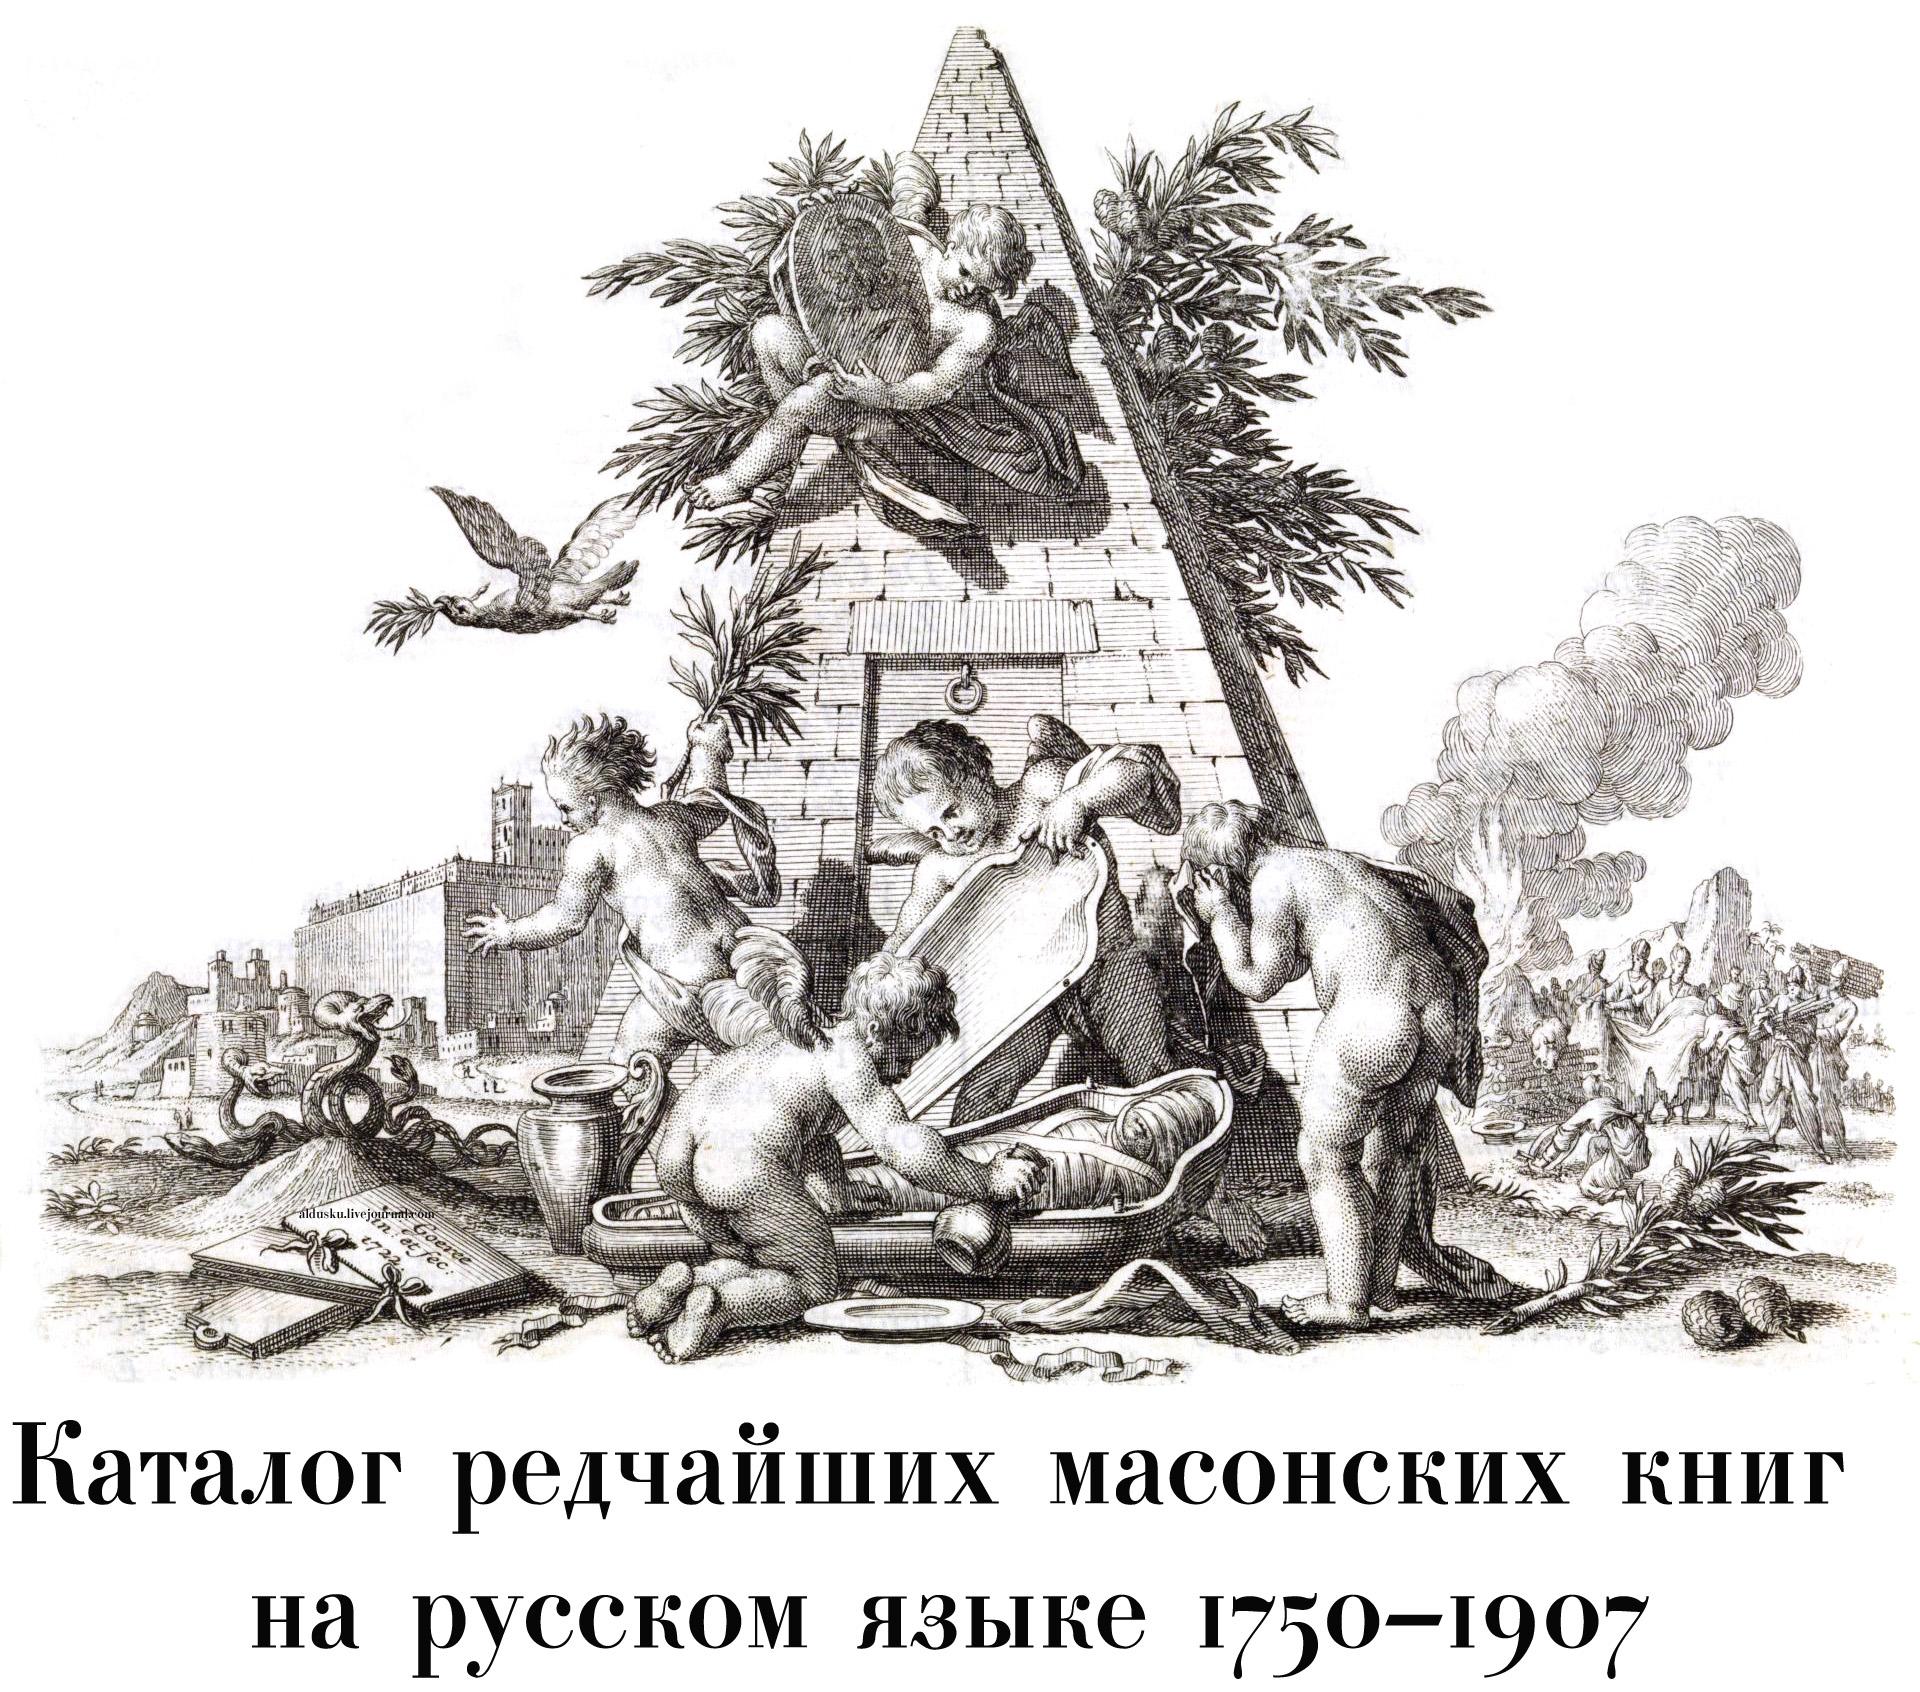 Библиографическое описание книг библиотеки Д.М. Остафьева: Каталог редчайших масонских книг на русском языке 1750–1907